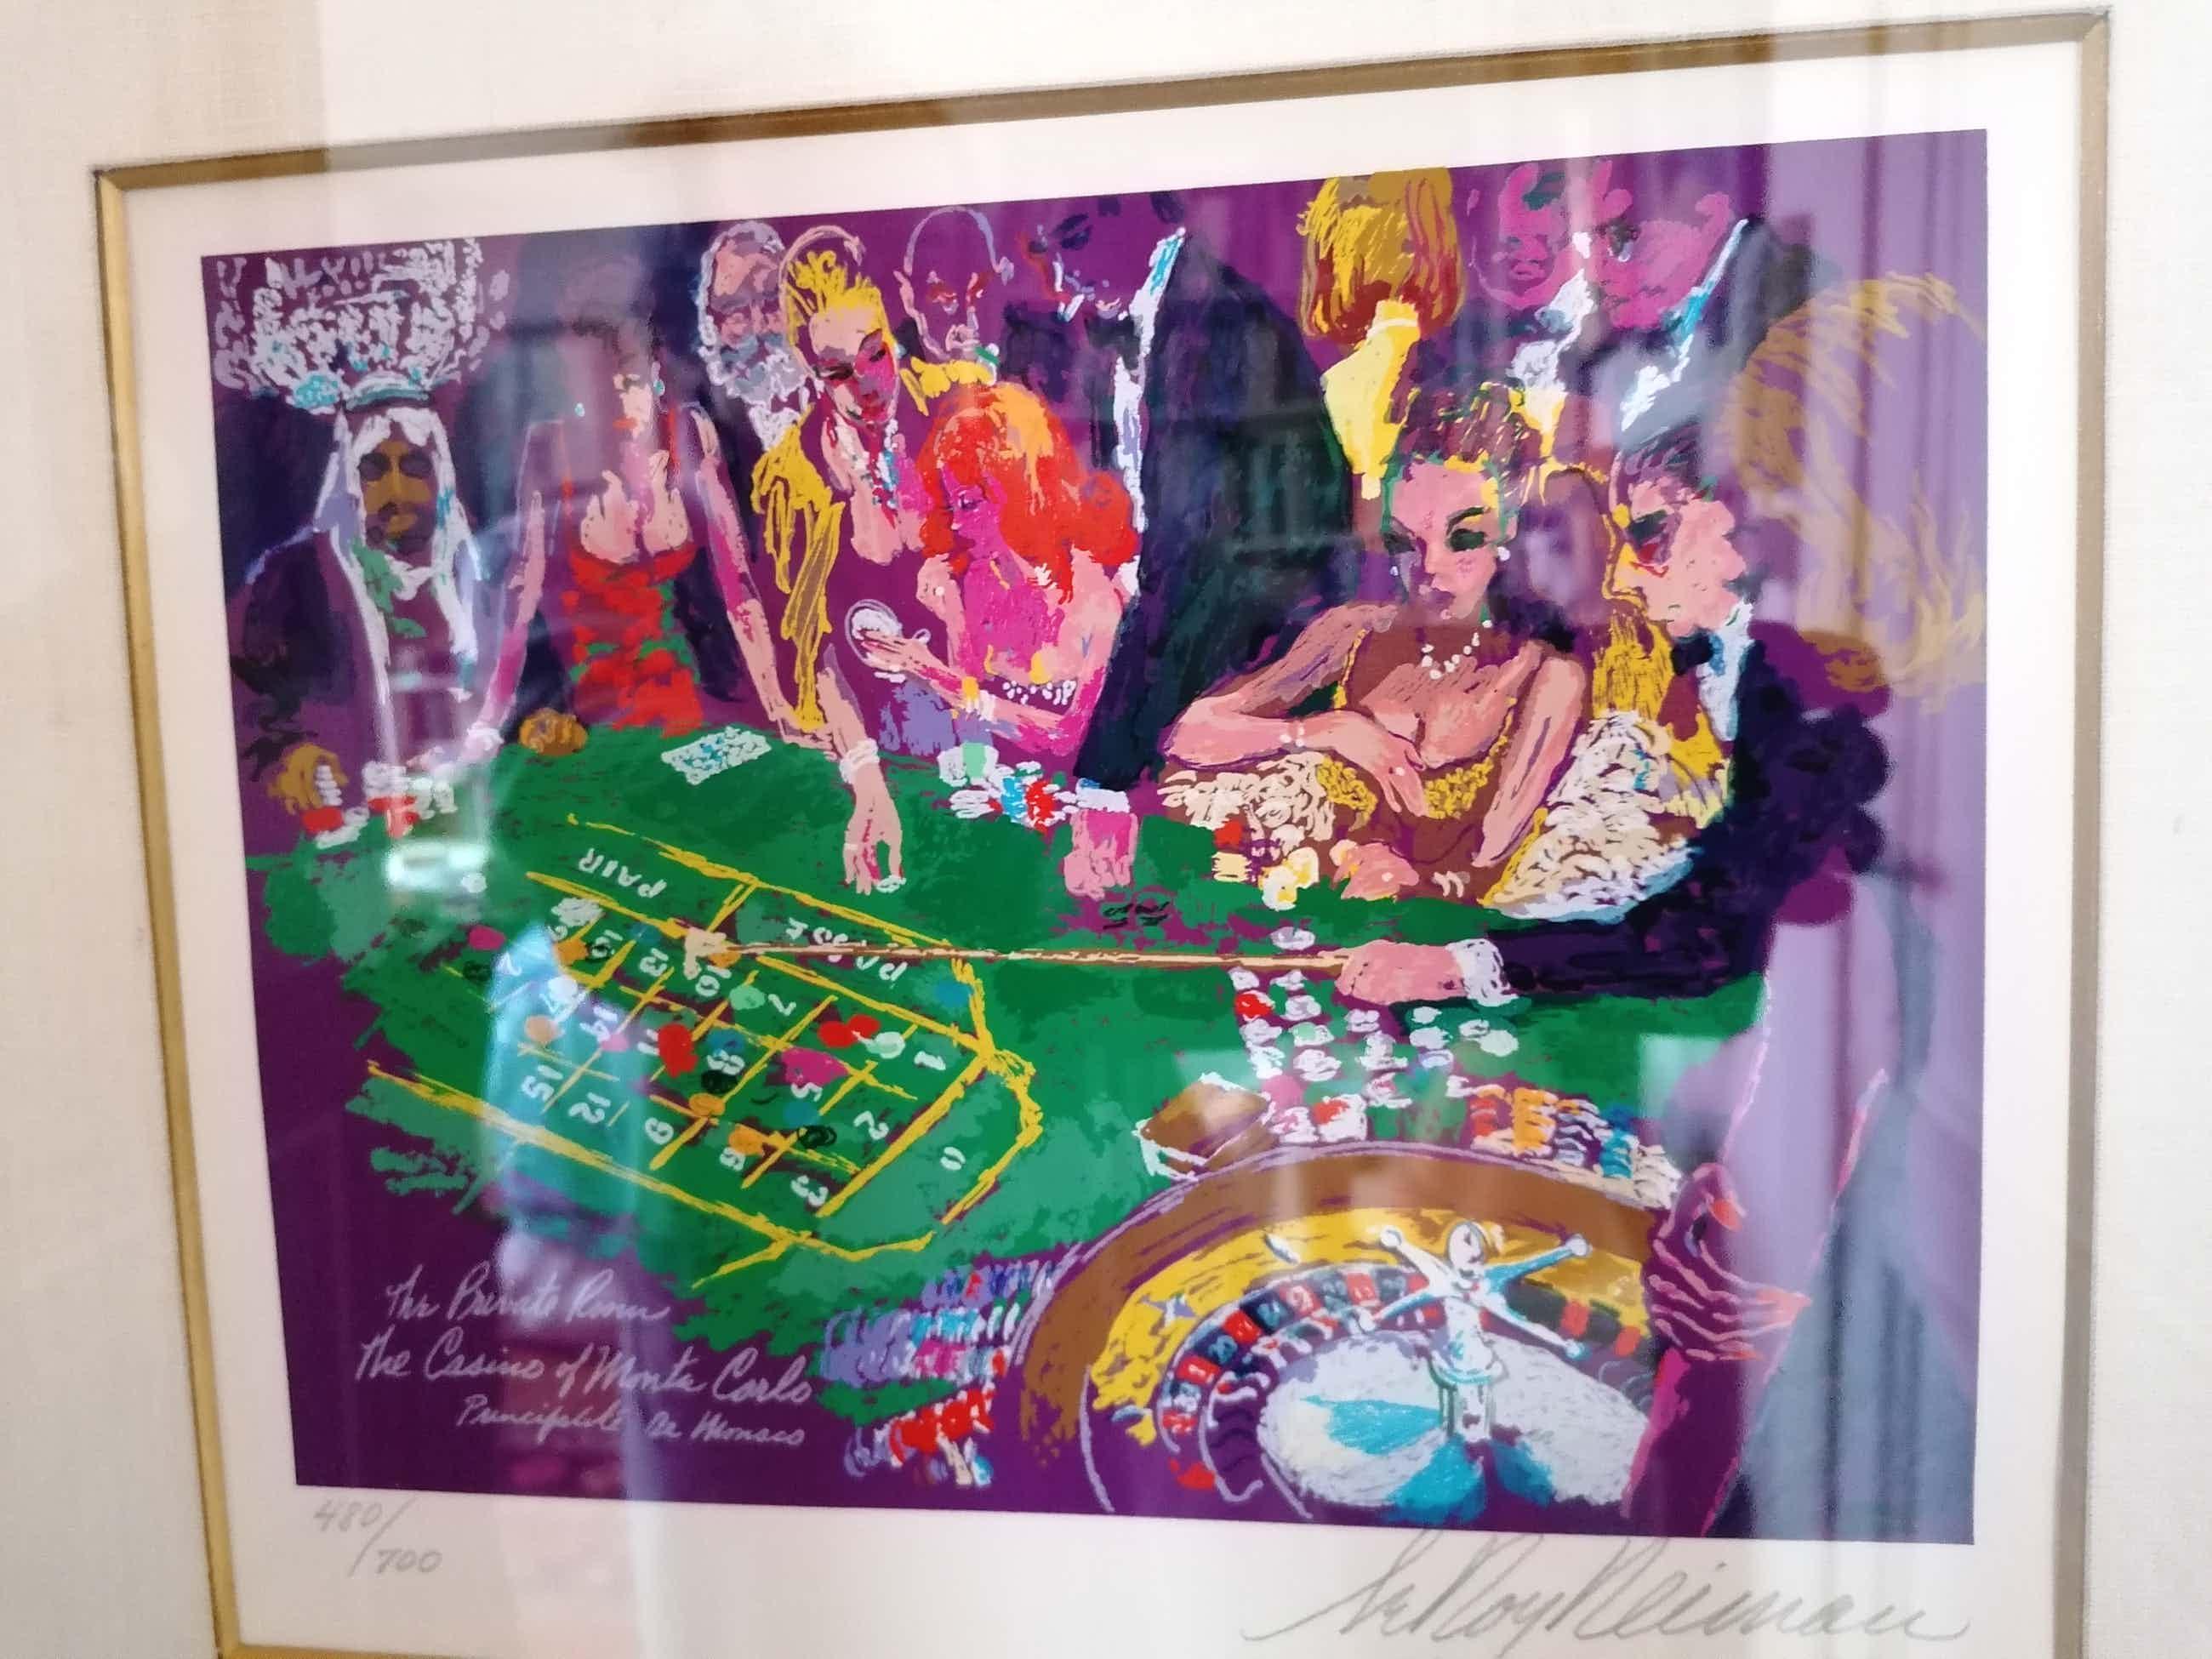 Leroy Neiman - 'Casino' kopen? Bied vanaf 395!